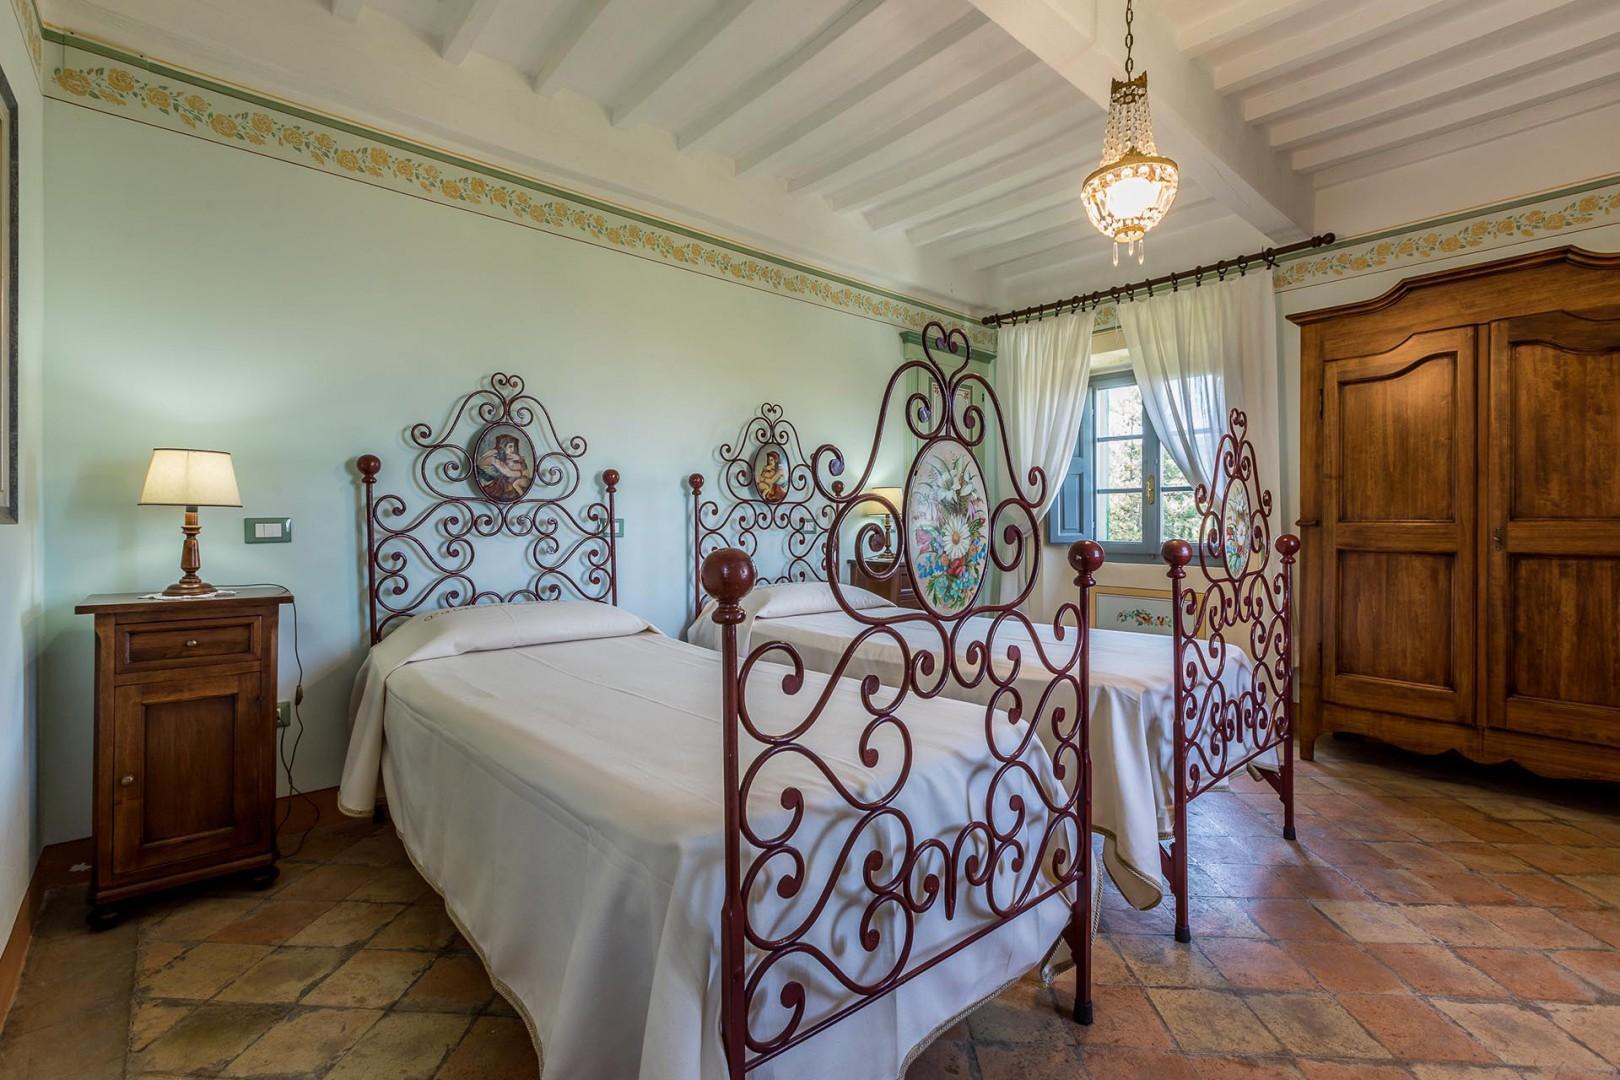 Bedroom 2 has two beds and en suite bathroom.